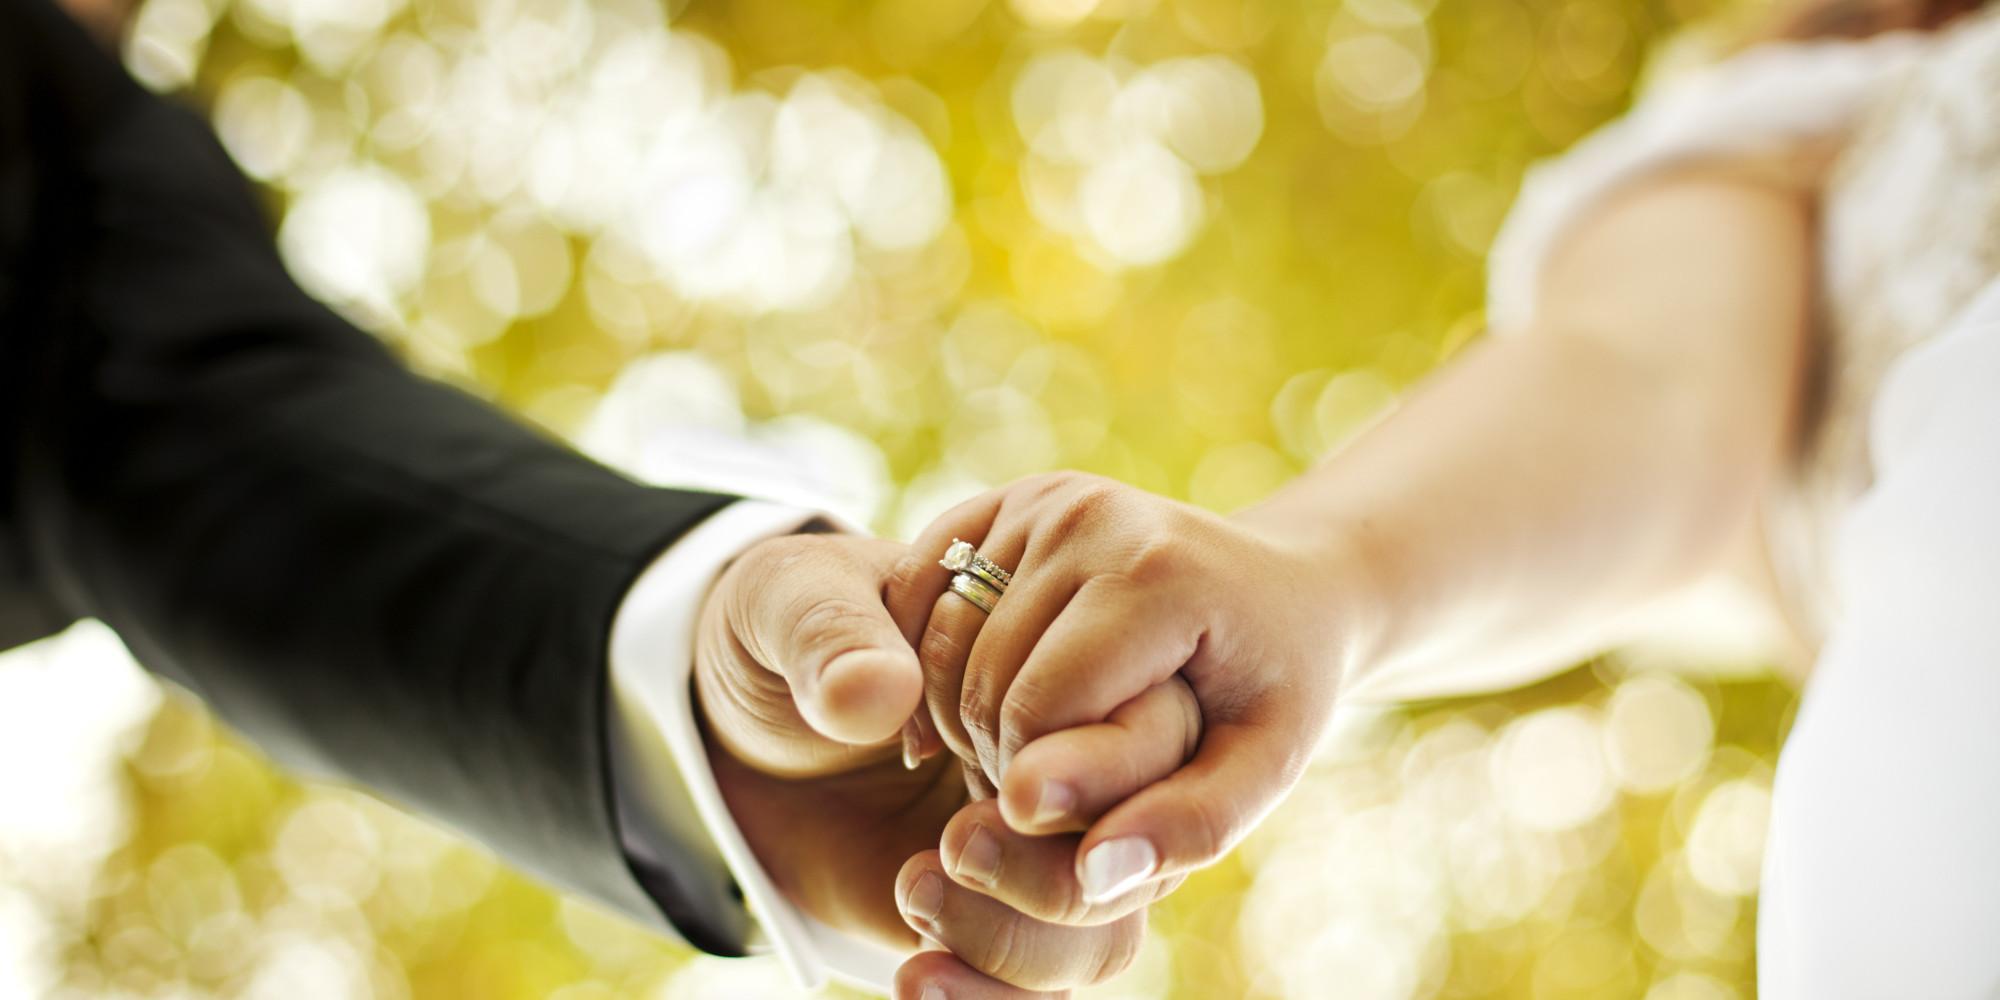 दक्षिण कोरियामा विवाह दर घट्यो,  वैवाहिक दर सन् १९७० पछिकै सबैभन्दा कम